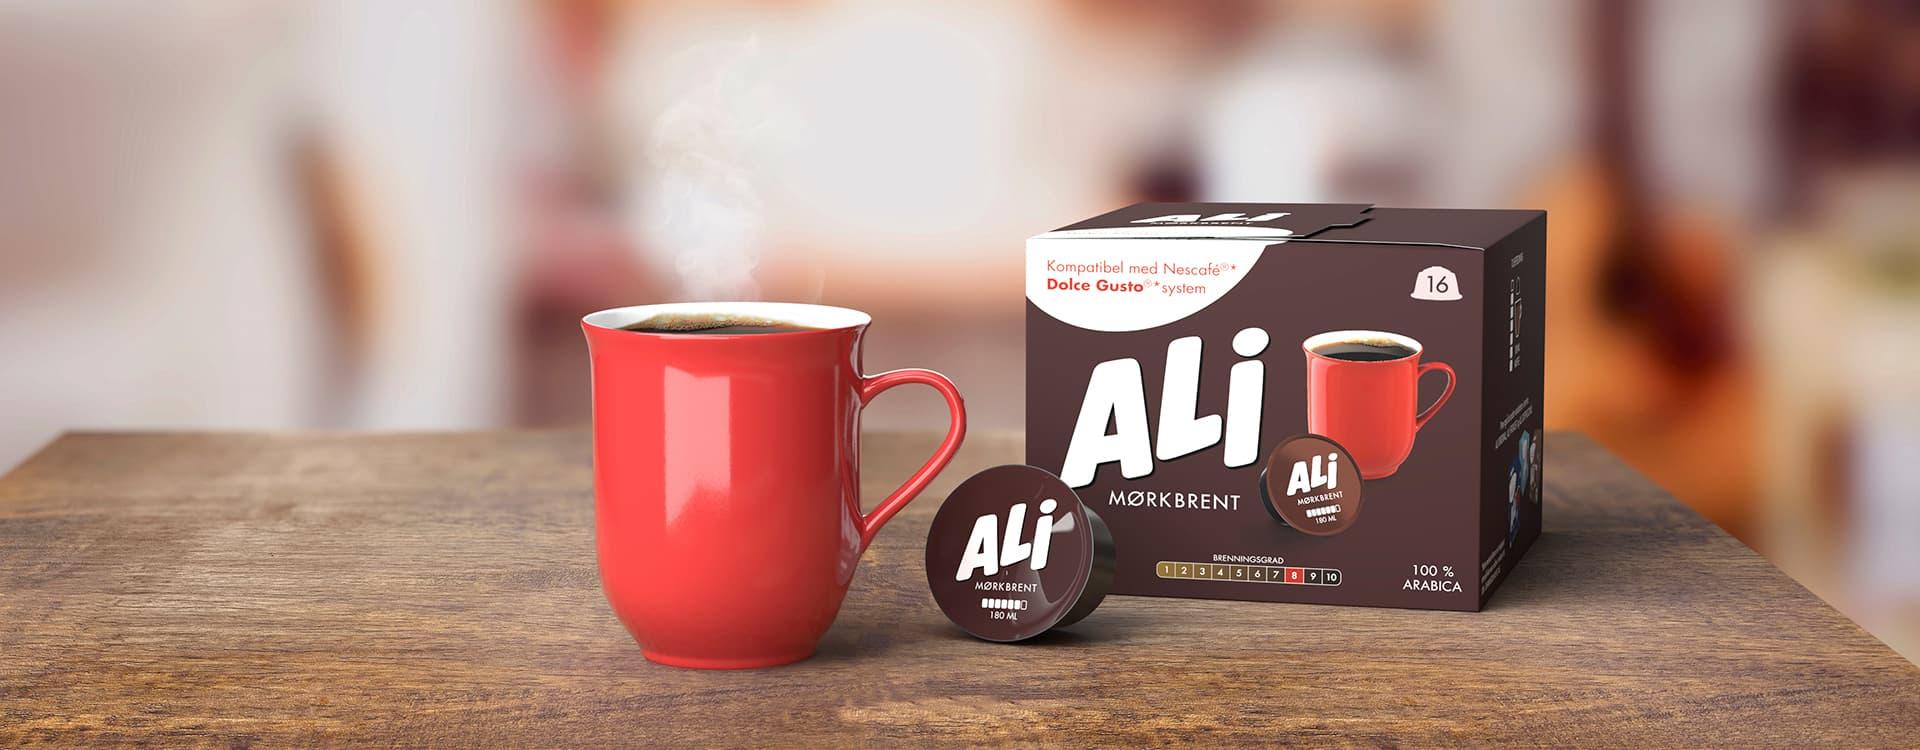 ALI Mørkbrent kaffekapsler.